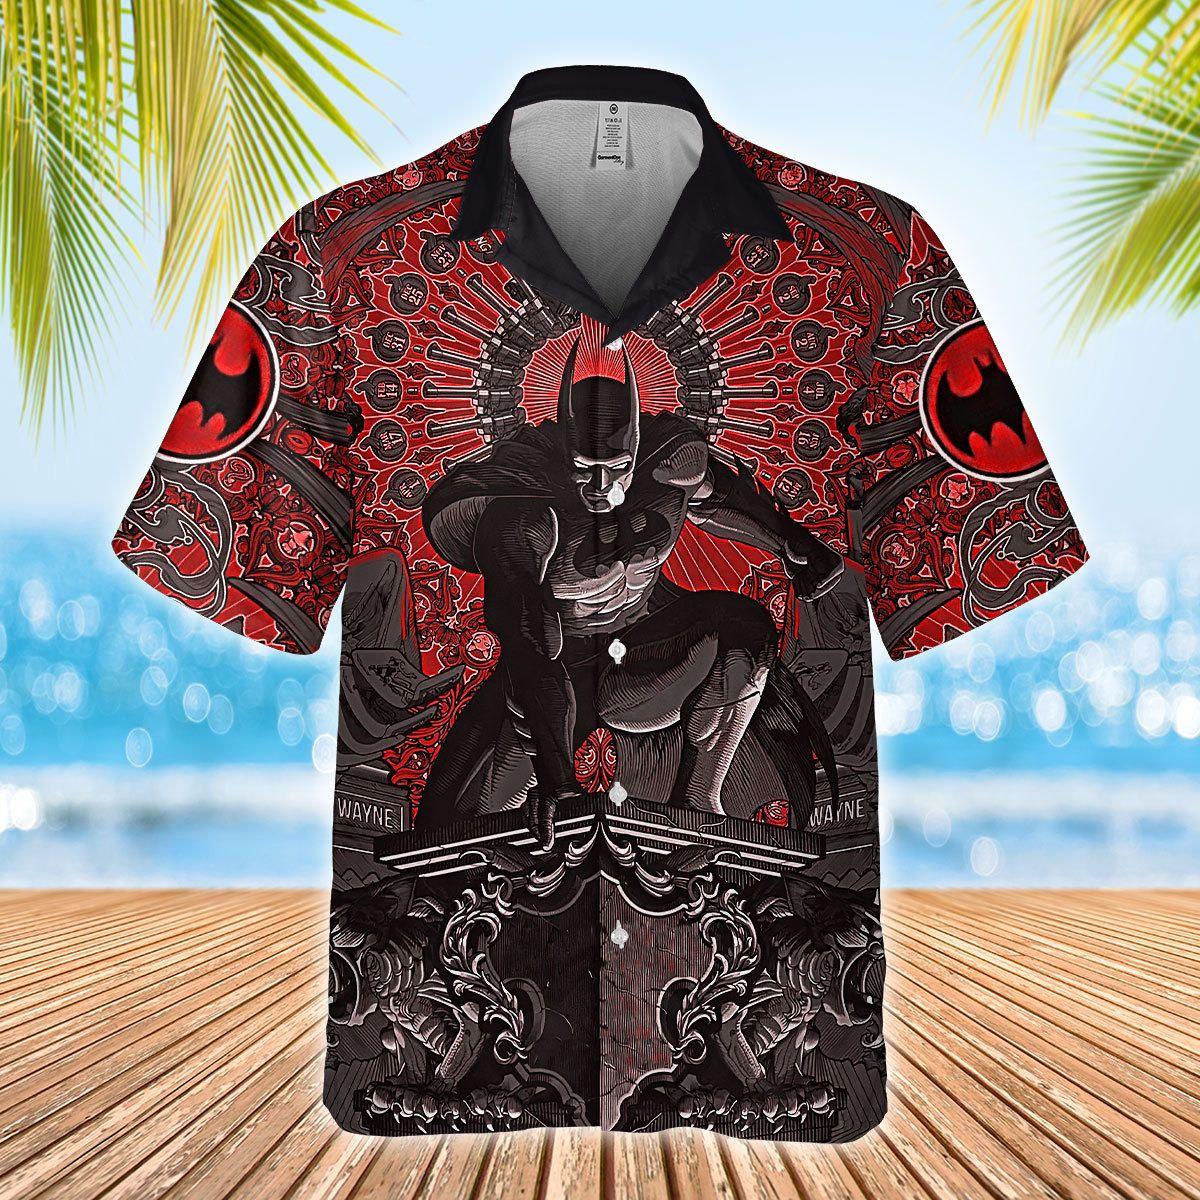 Batman Bruce Wayne Statue Hawaiian Shirt